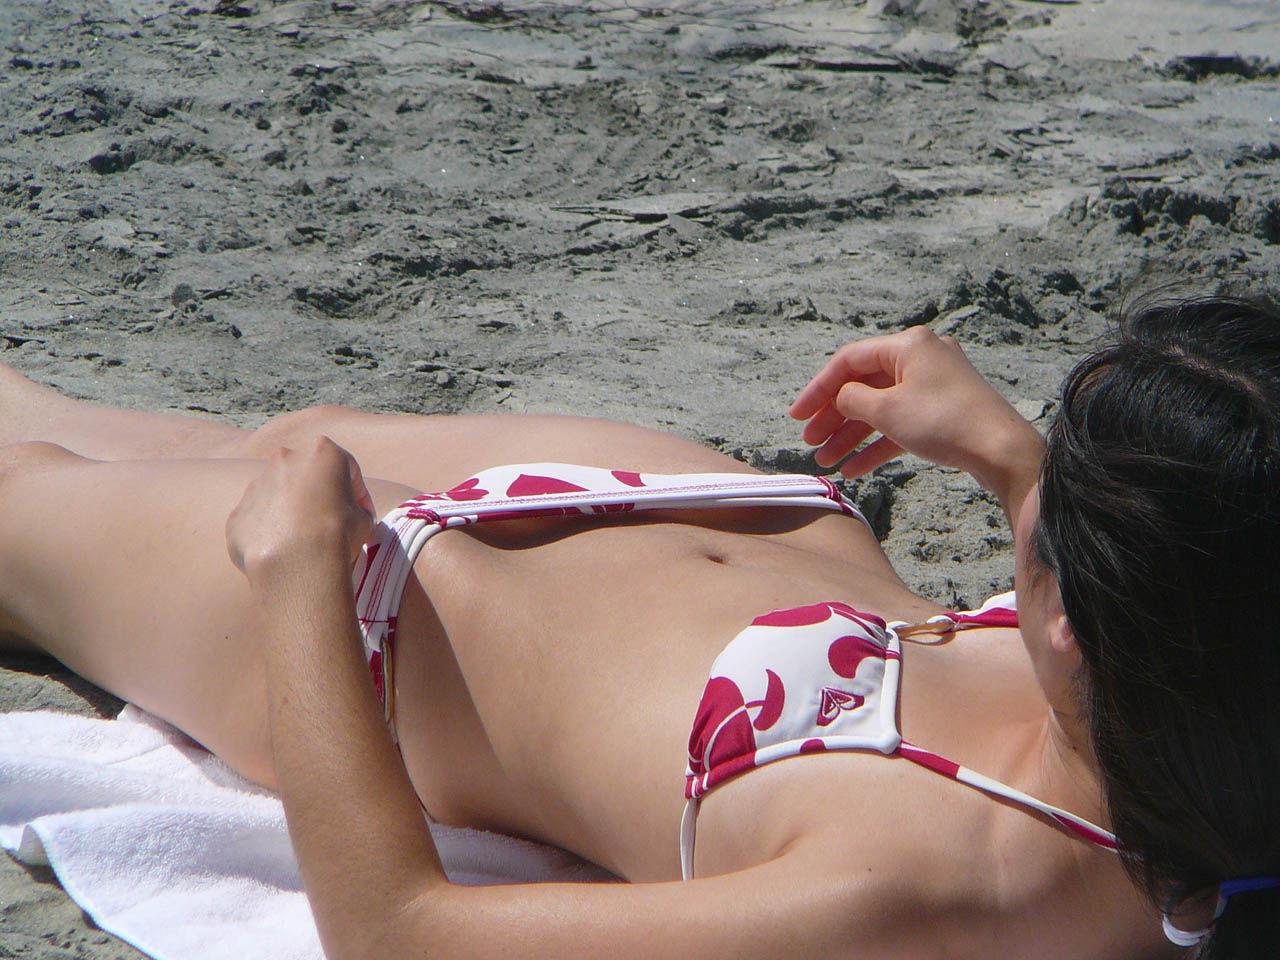 Чеченка в купальнике 7 фотография